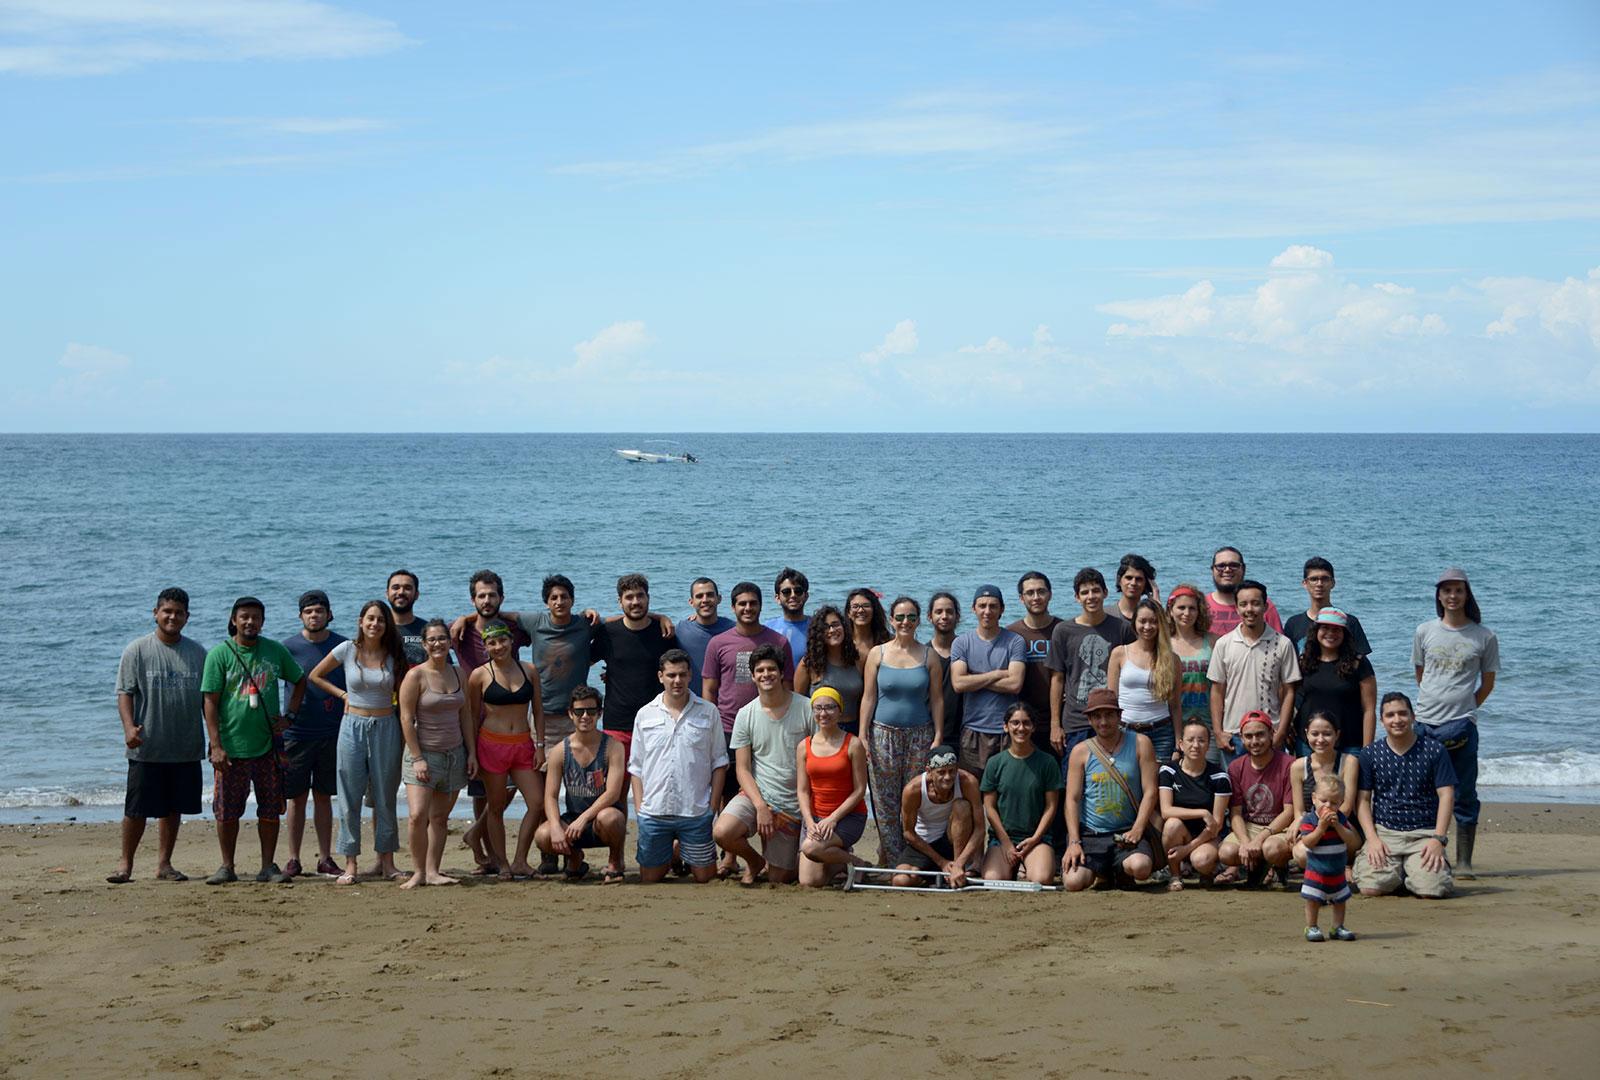 El grupo de 50 personas vinculadas al TCU, en foto grupal en playa Las Caletas, Drake, el 18 de febrero de 2018.